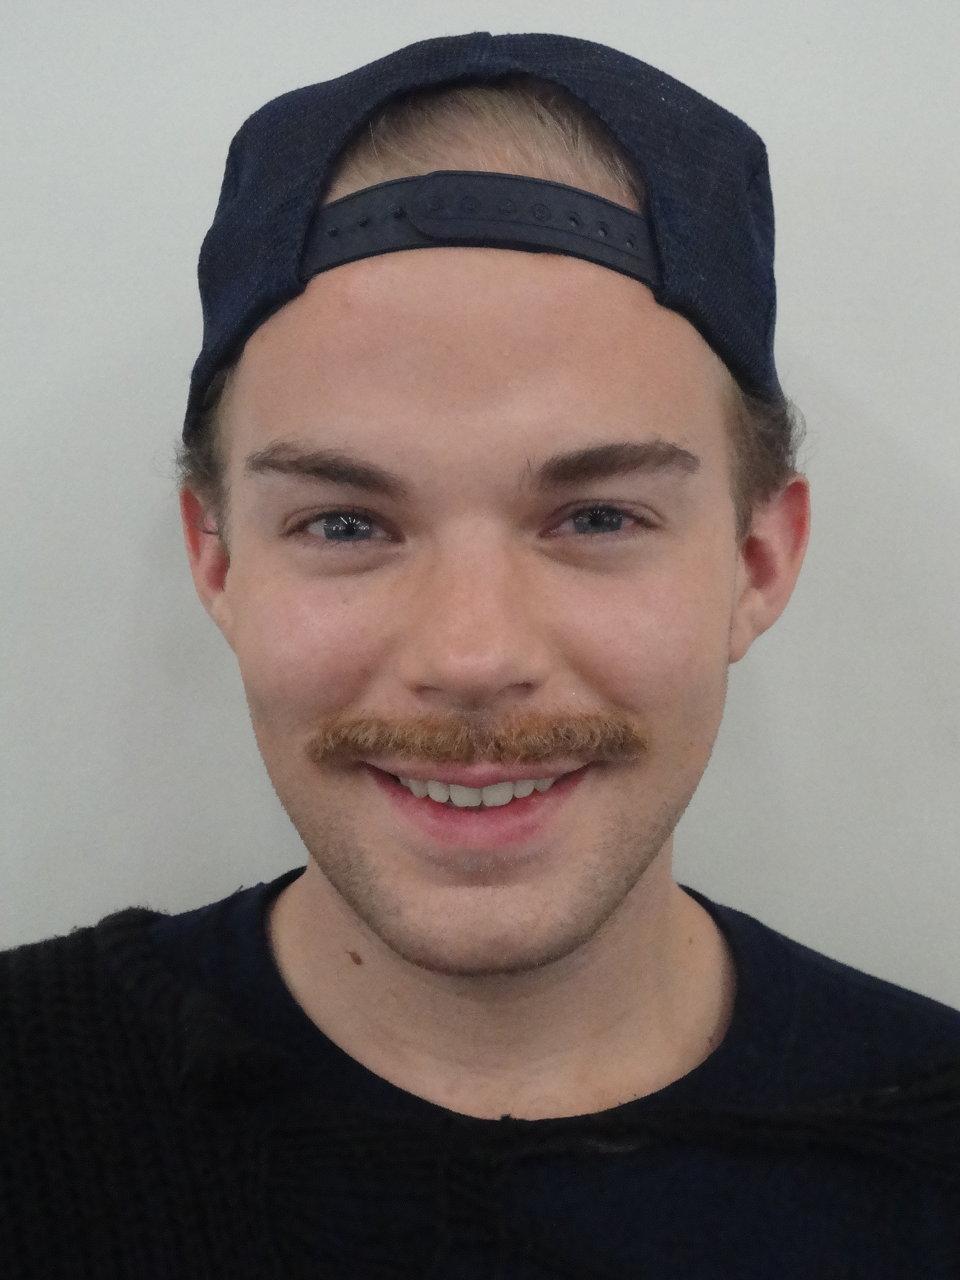 Ventilated Mustache